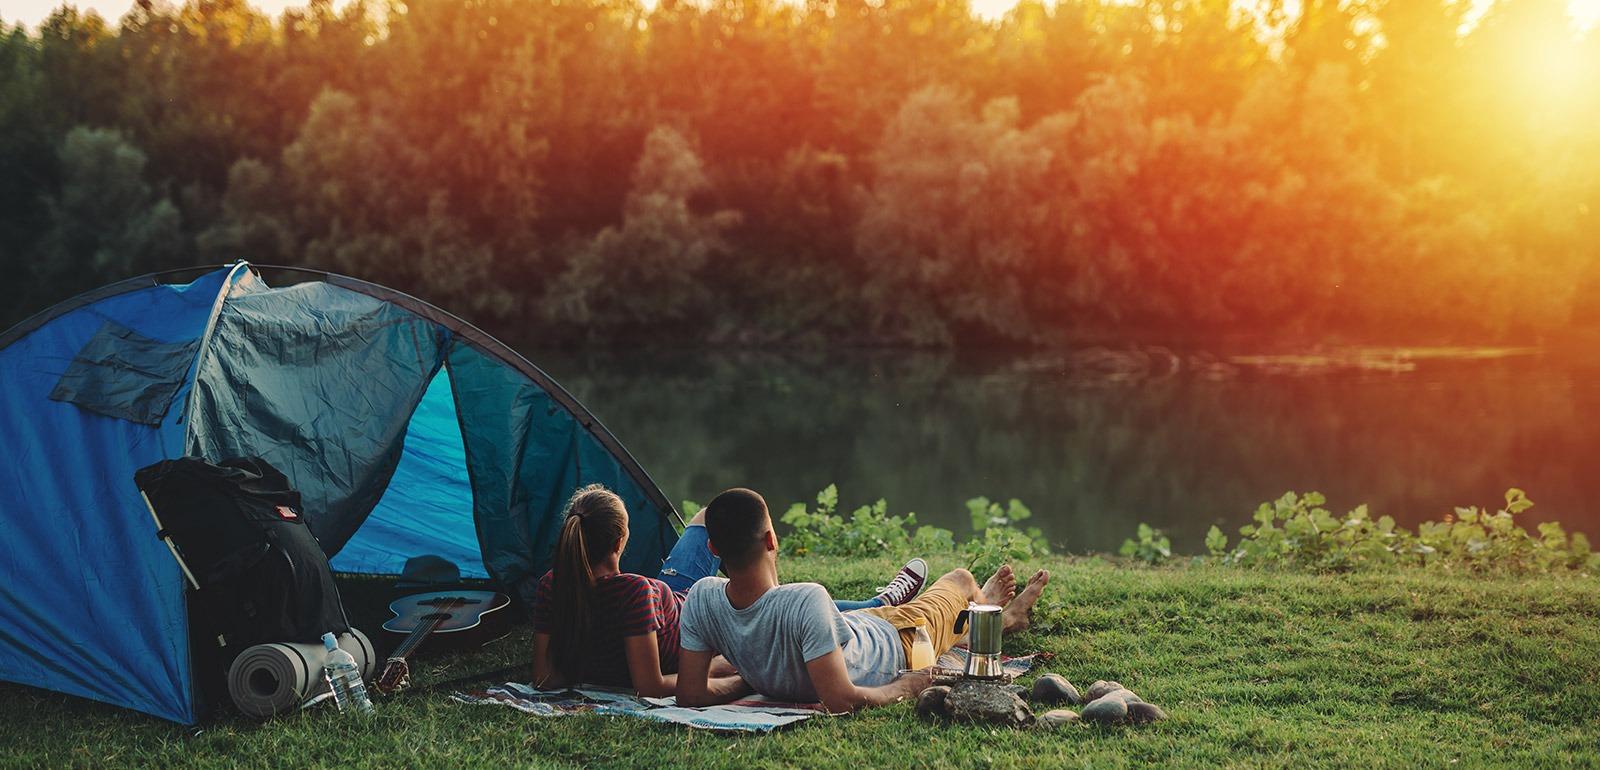 Camping © cherryandbees